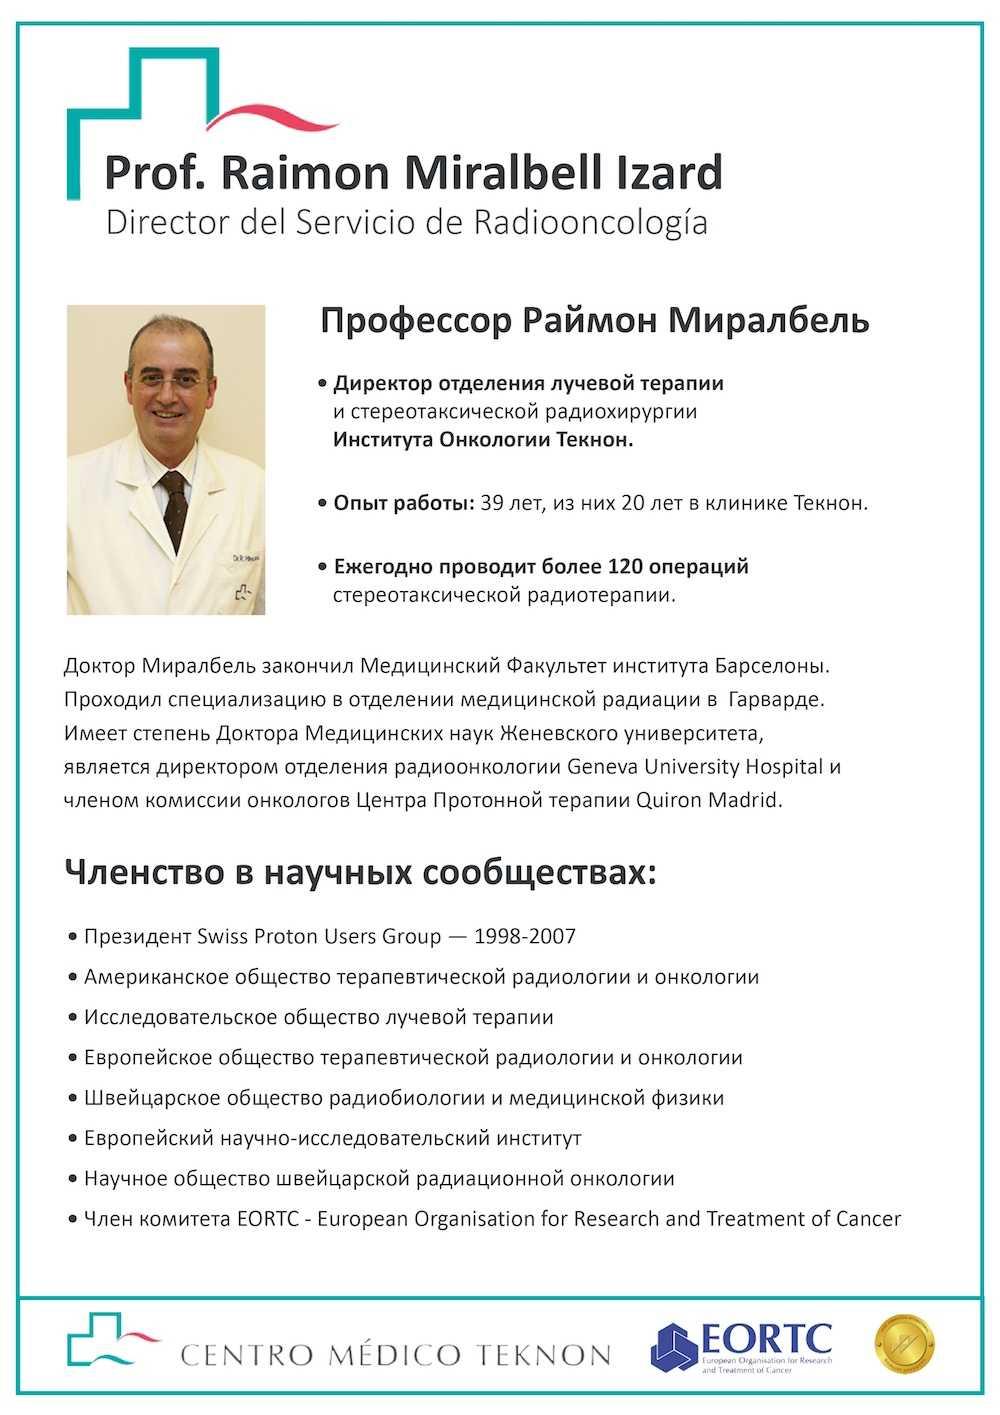 Профессор Раймонд Миралбель